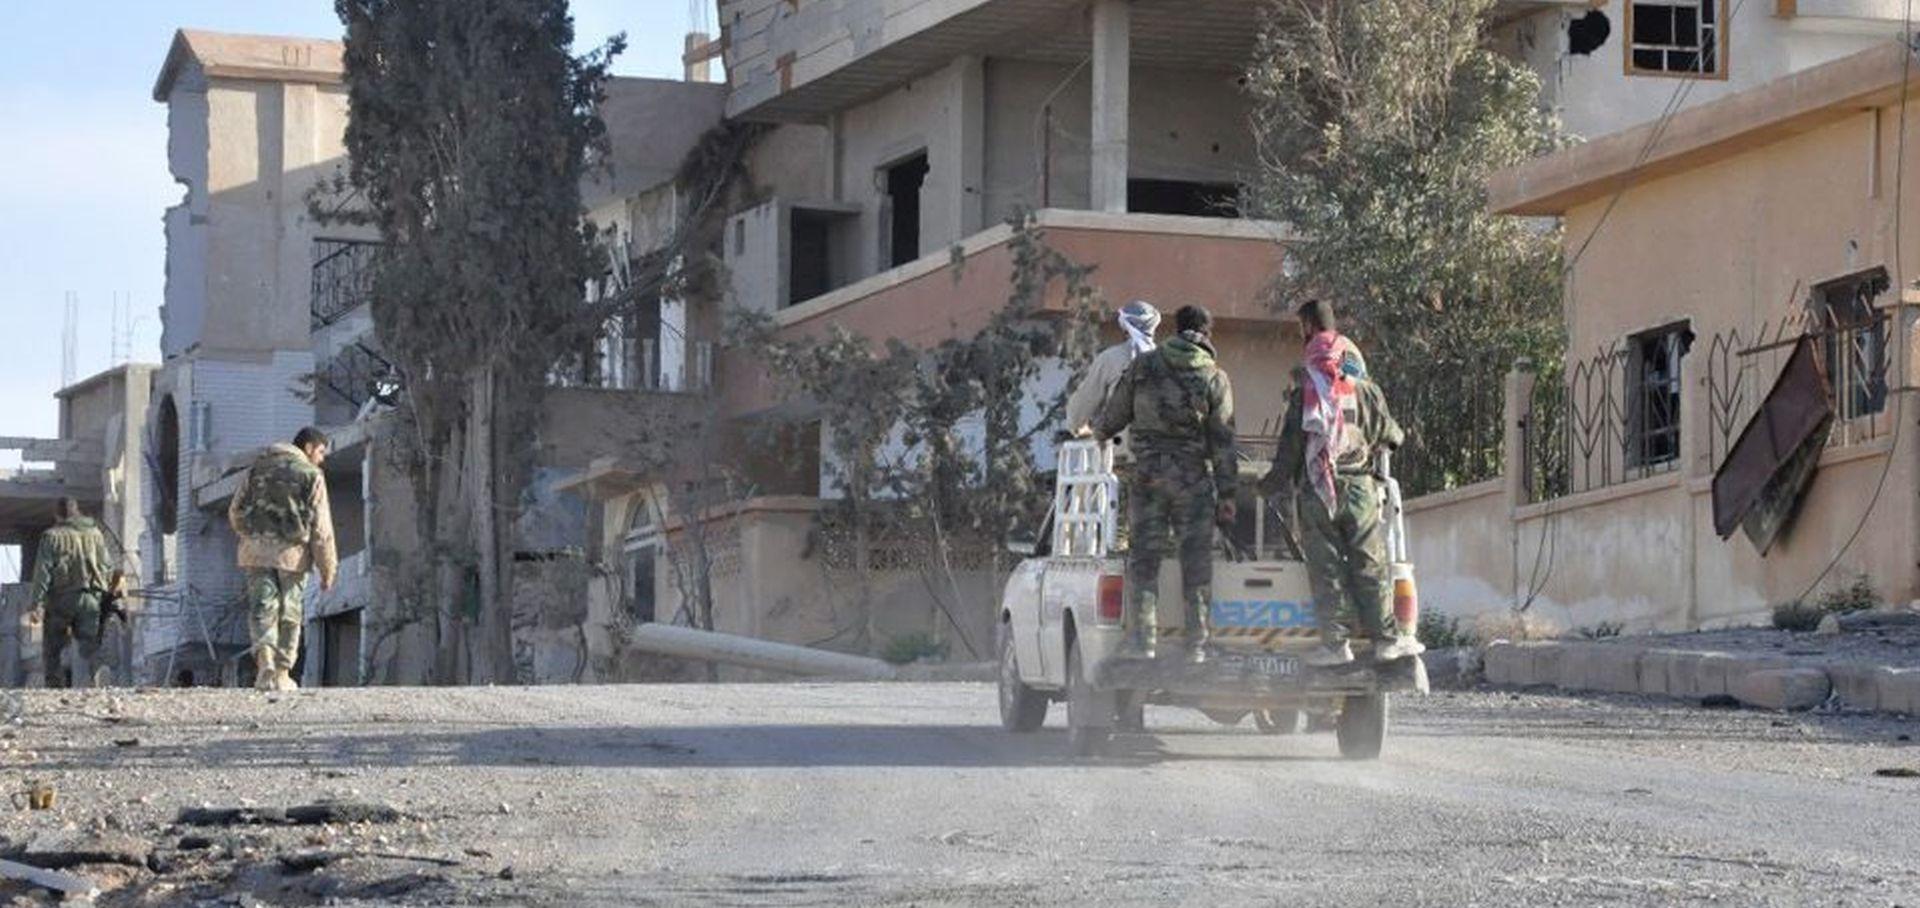 BORBE NA SJEVERU SIRIJE: Ofenziva sirijske vojske na Alep i područje Homsa